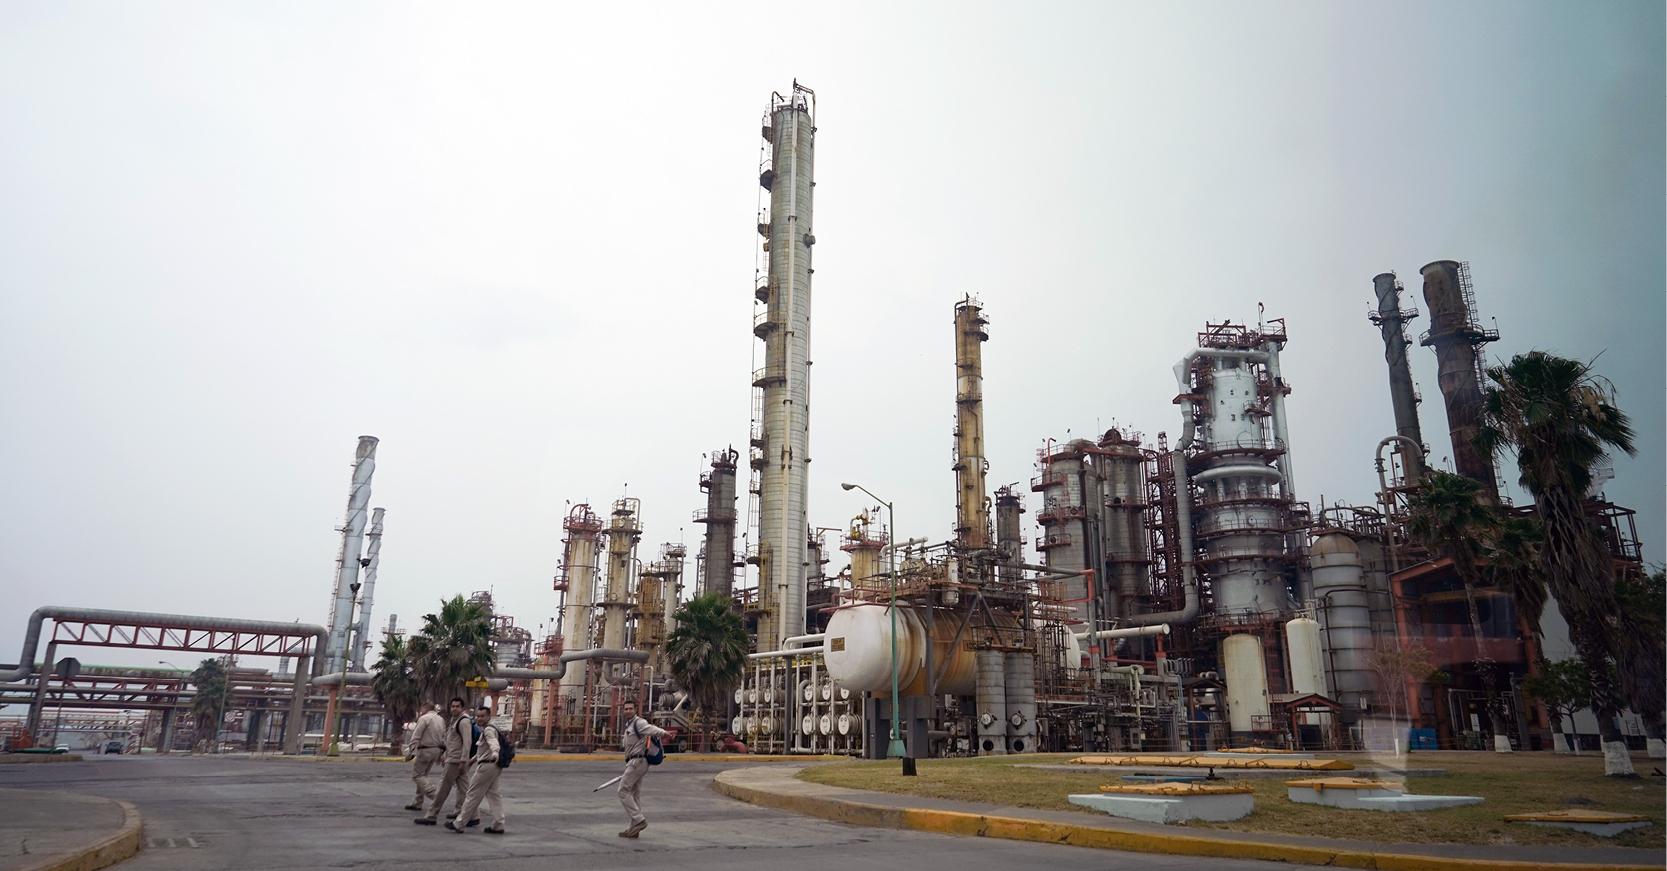 Se sabía desde hace tiempo que el azufre de la refinería de Pemex que está en Cadereyta es fuente de contaminación